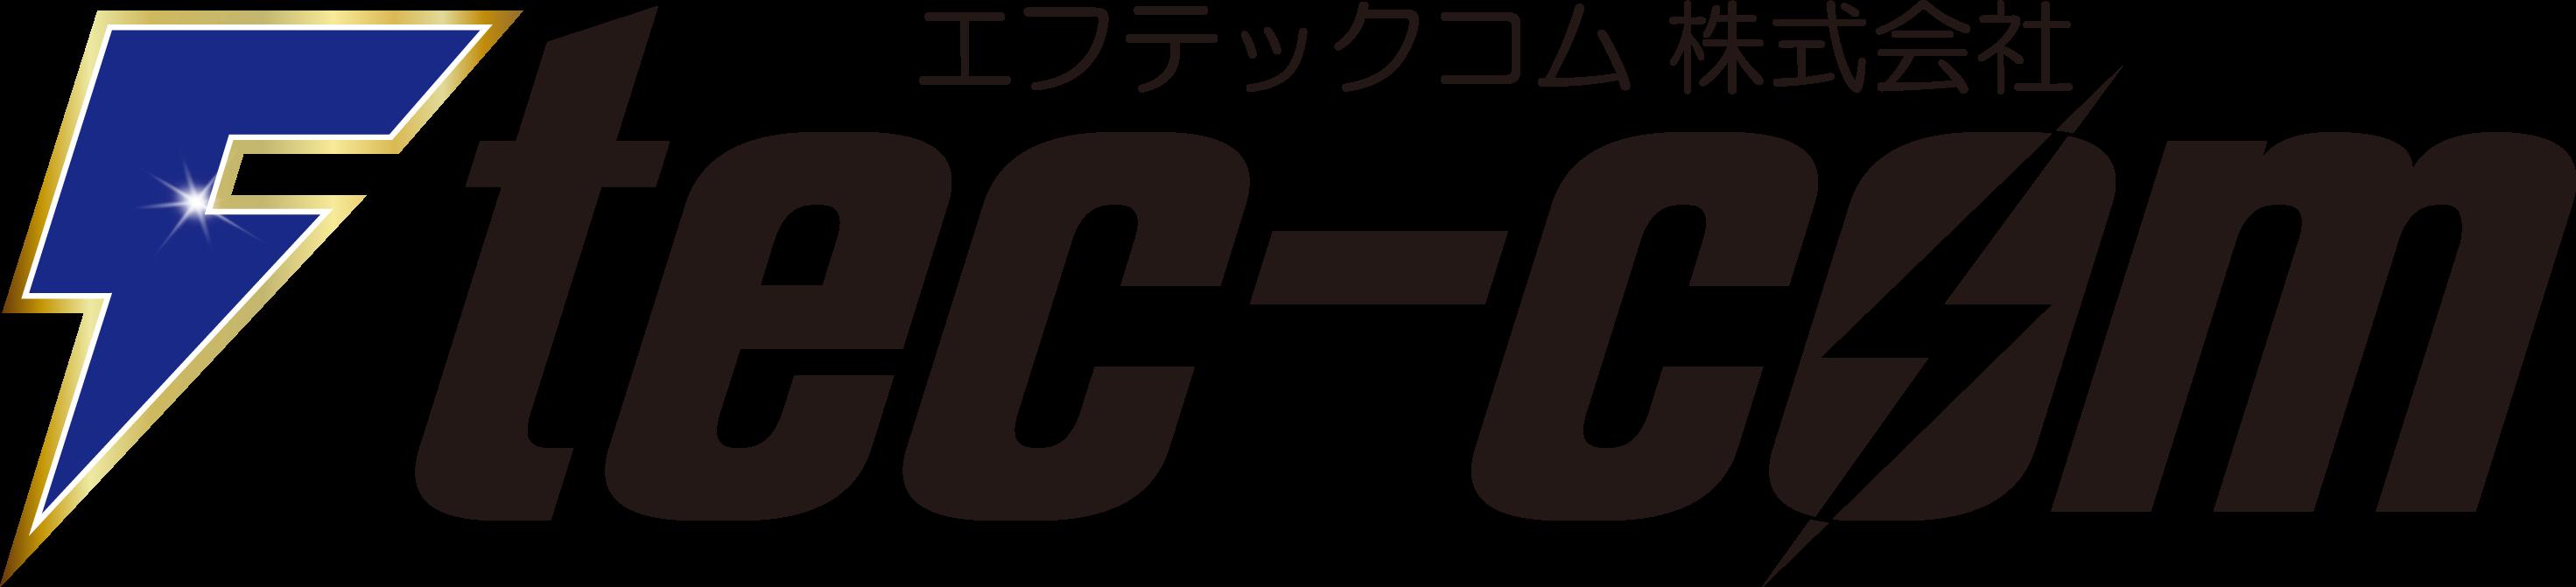 エフテックコム株式会社